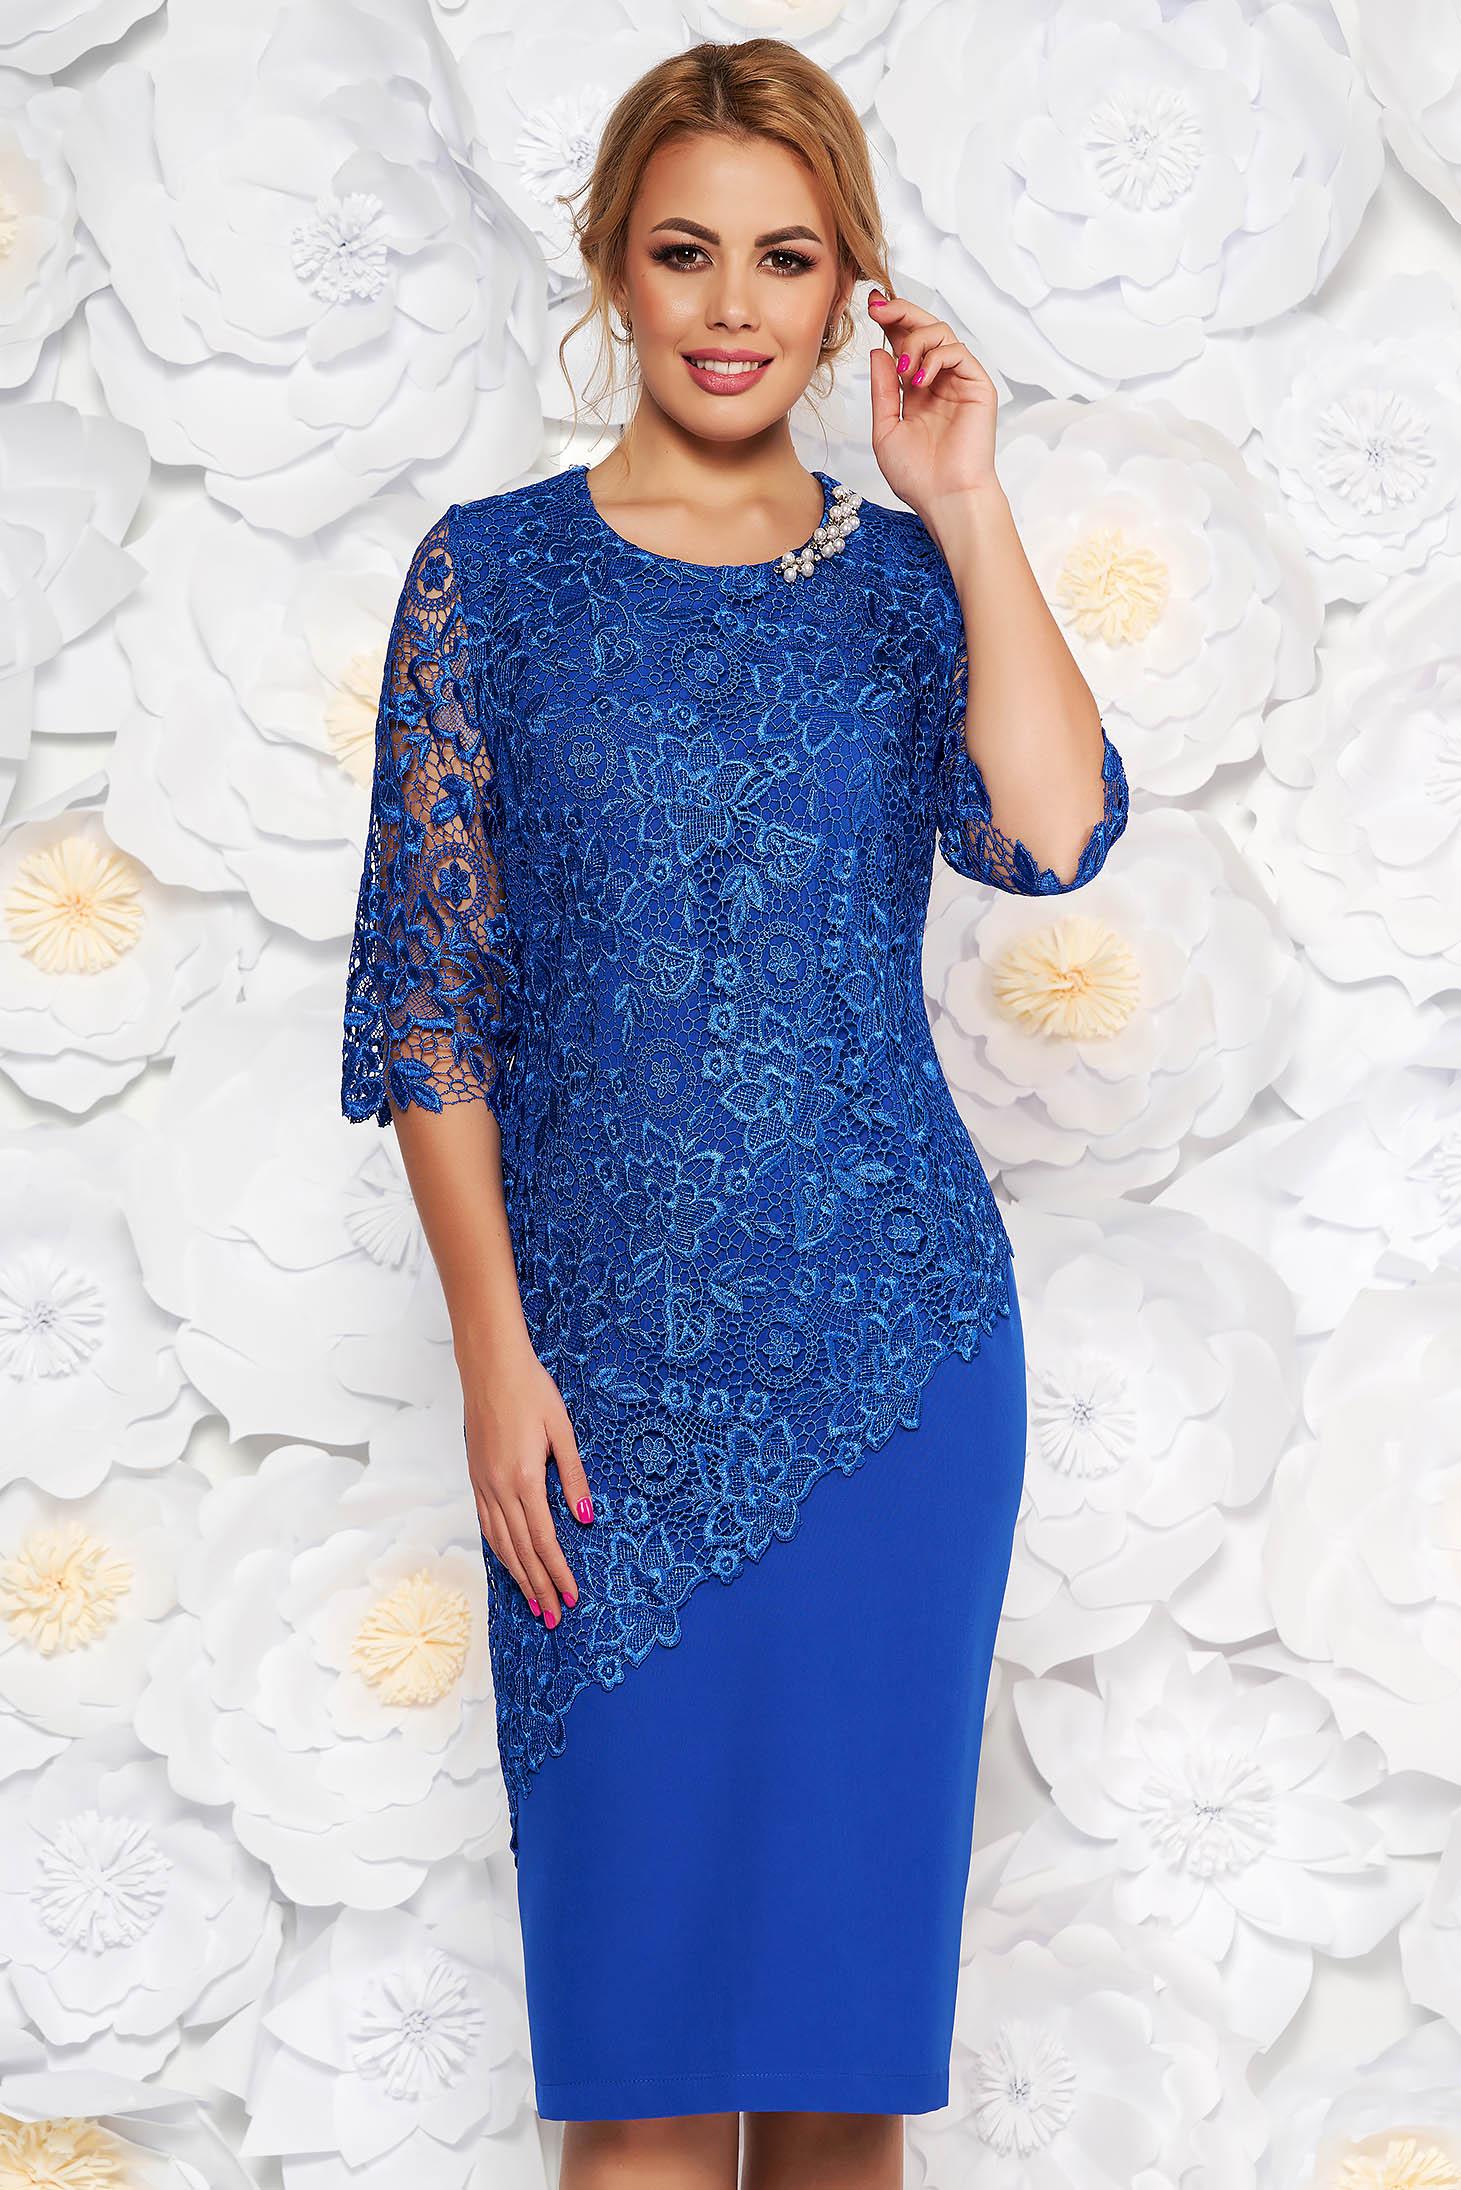 4df3f4658 Kék alkalmi midi ruha 3/4-es ujjakkal szűk szabással enyhén elasztikus  szövetből csipkés átfedéssel